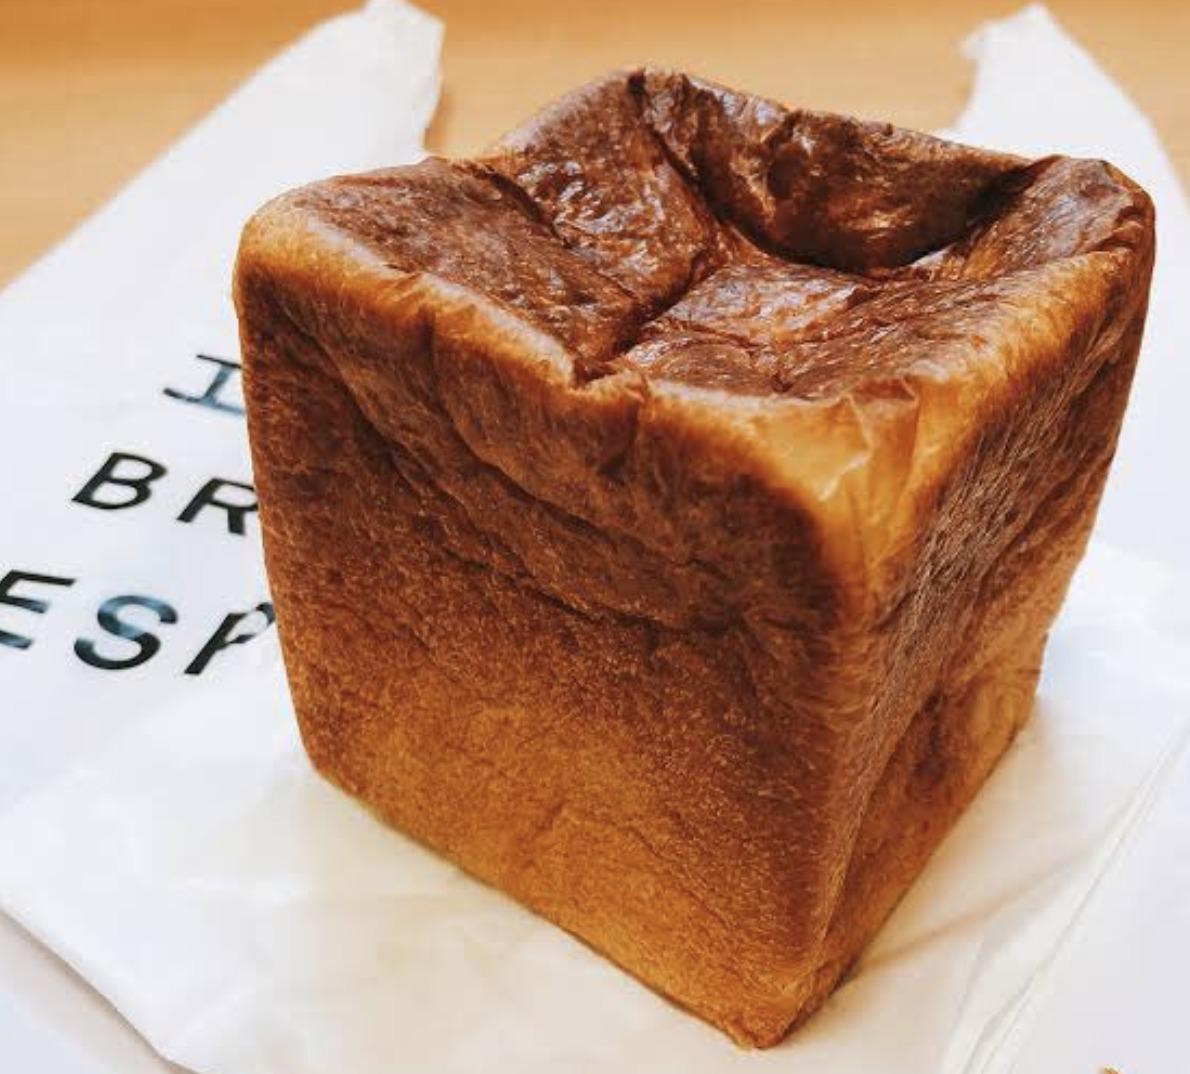 『パンとエスプレッソと』の食パン『ムー』